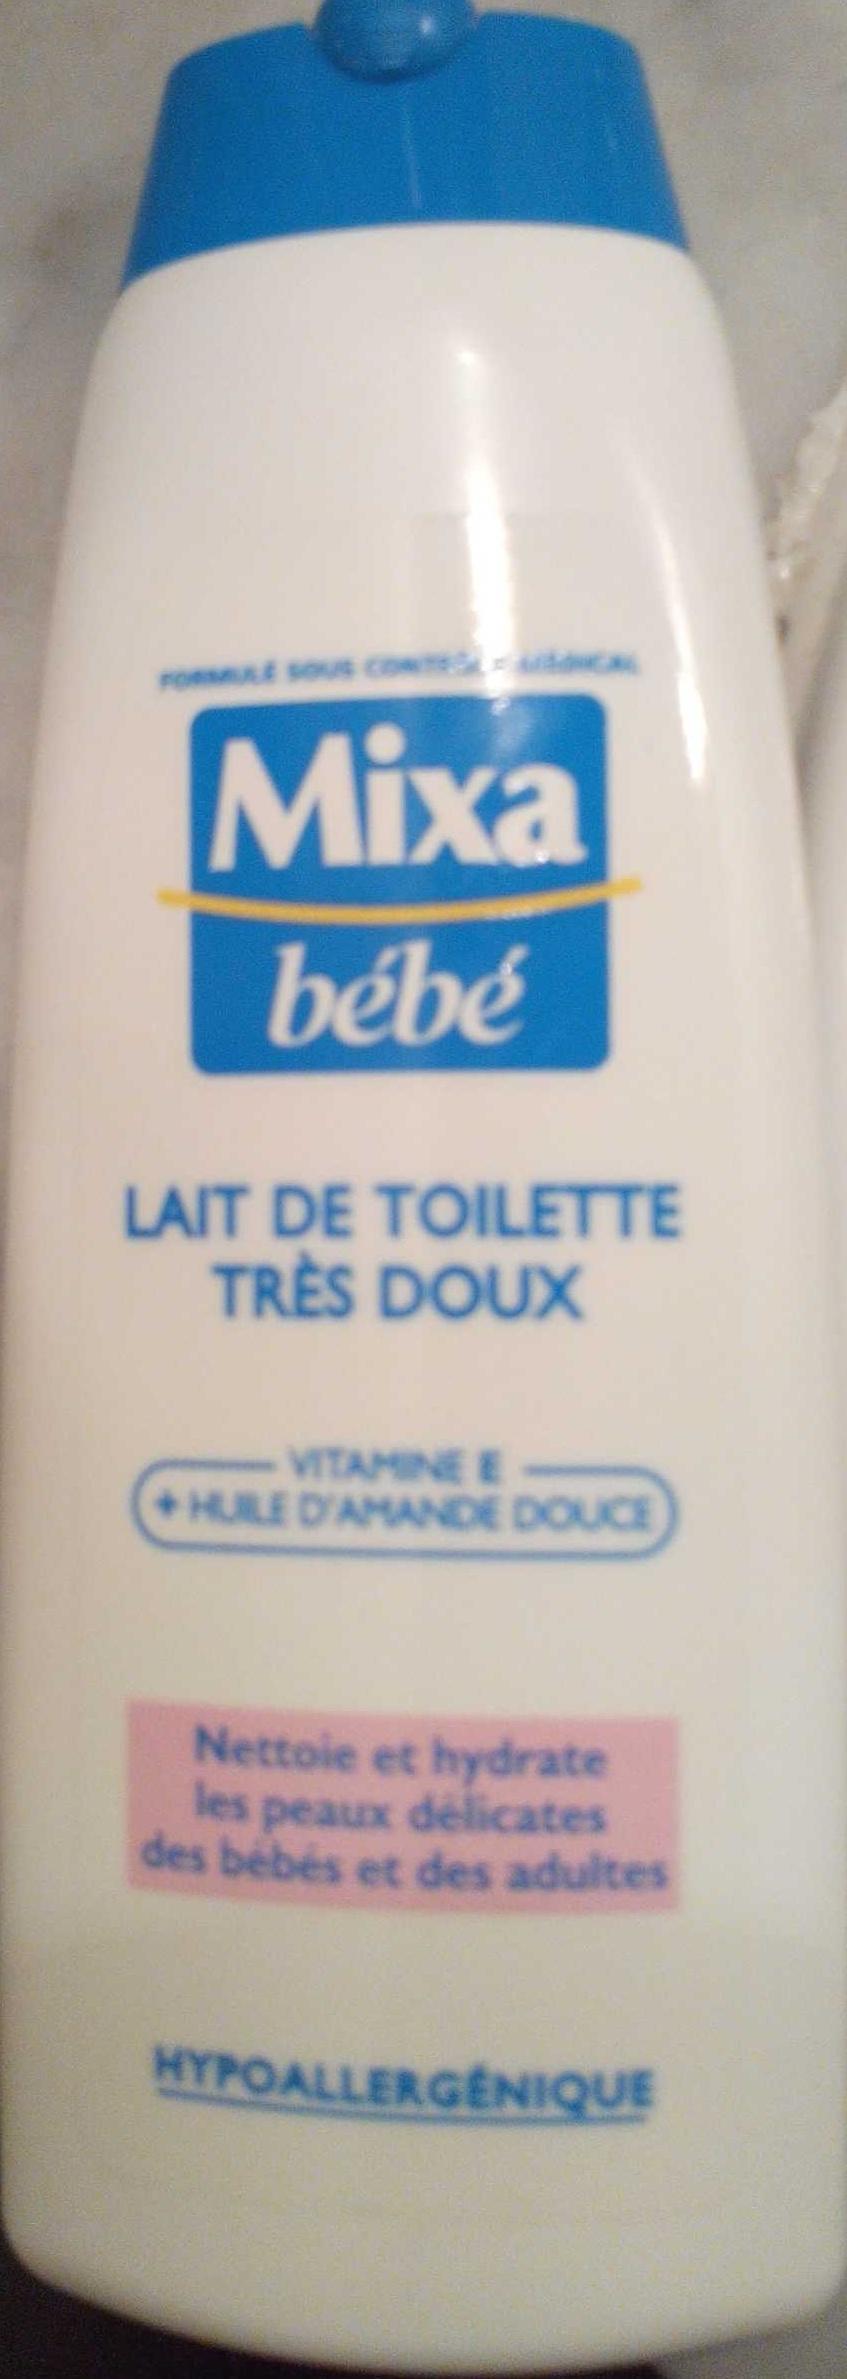 Lait de toilette très doux Vitamine E Huile d'amande douce - Product - fr